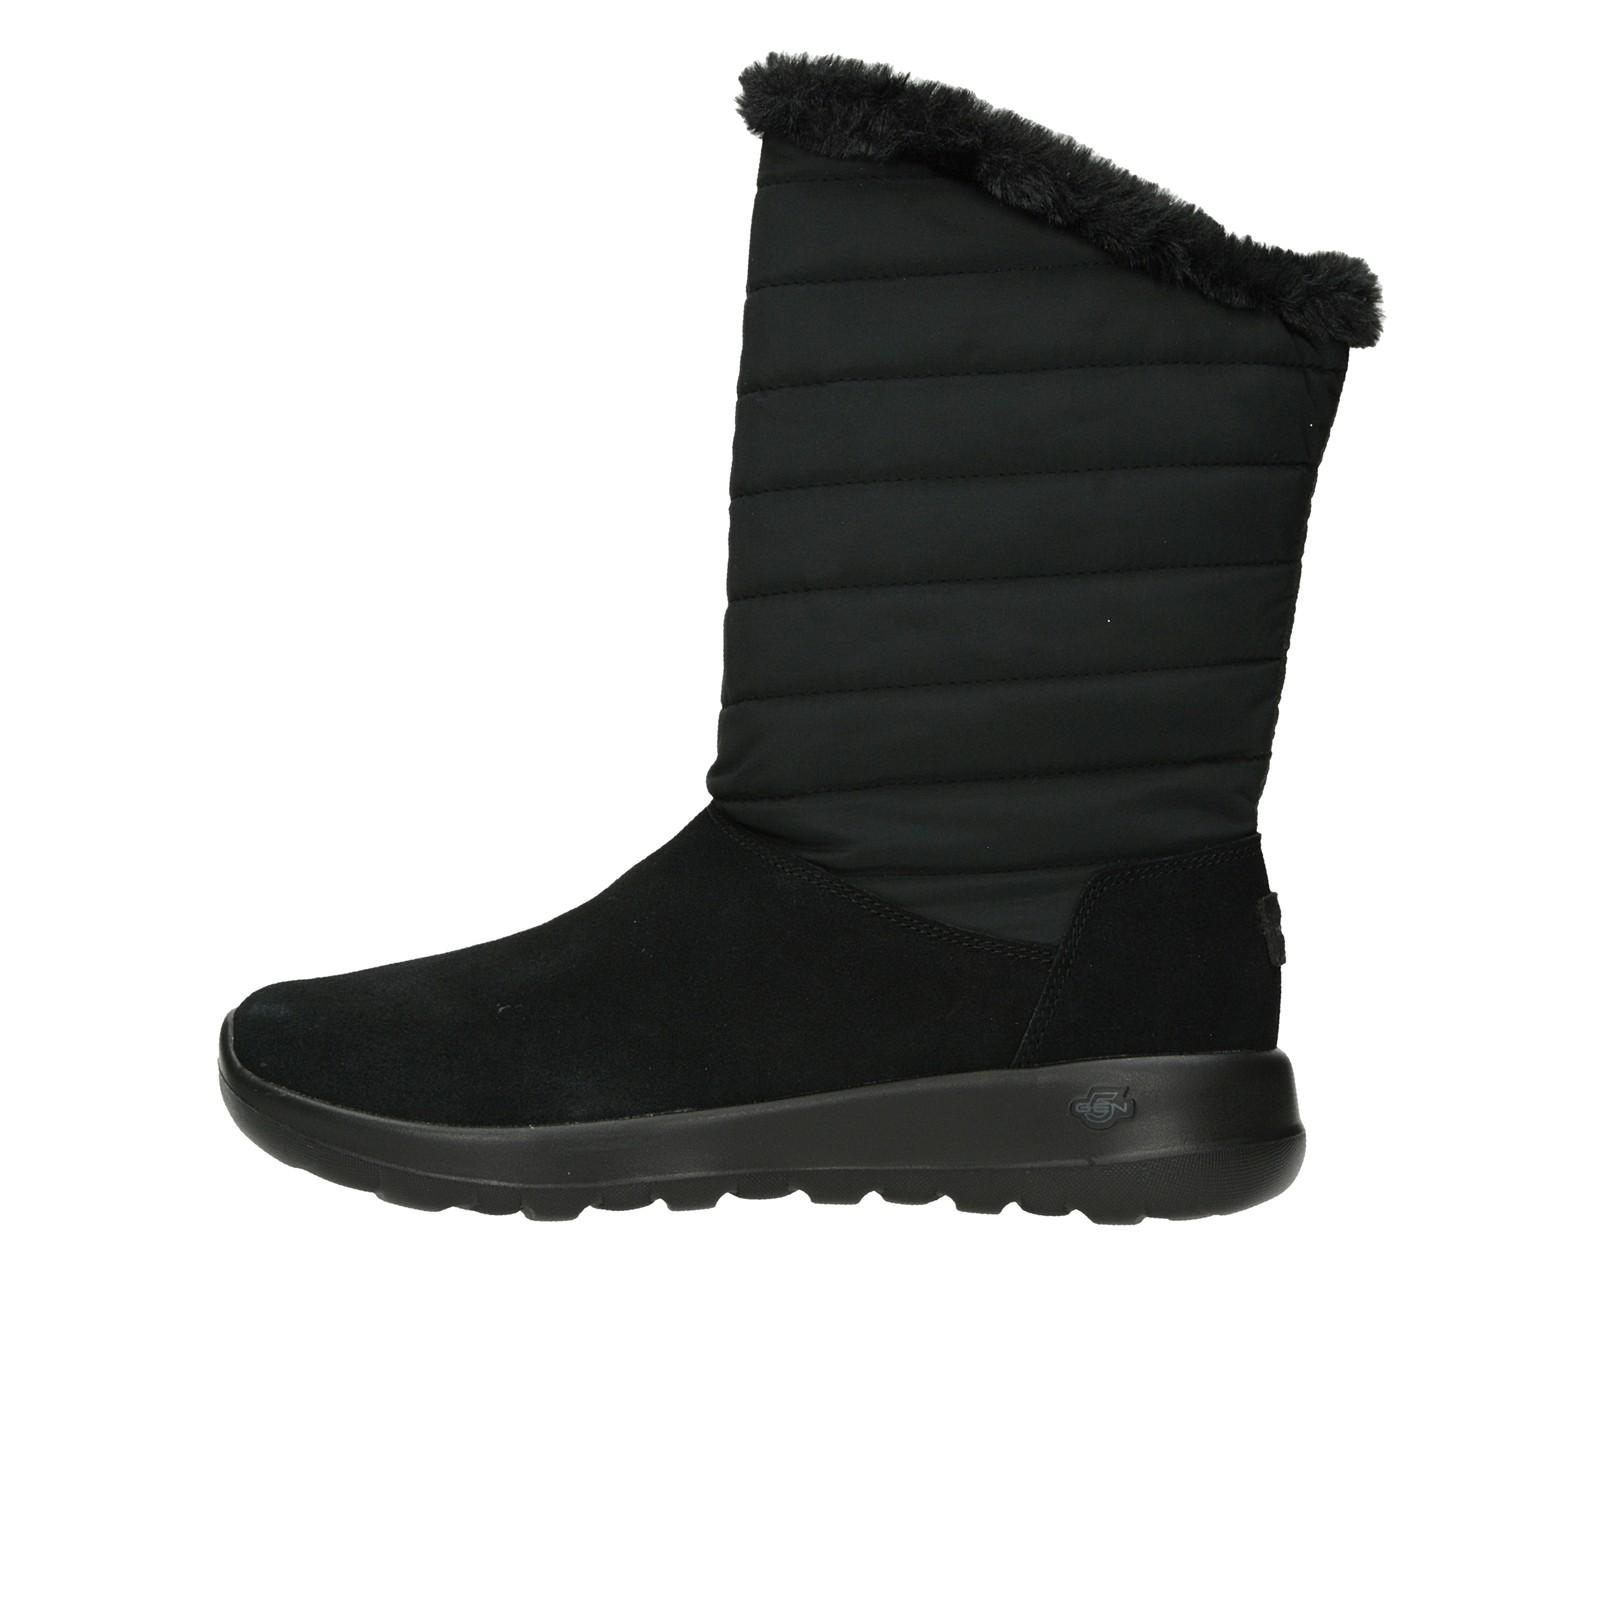 ... Skechers dámske nízke zateplené čižmy - čierne ... 8f218bc5960